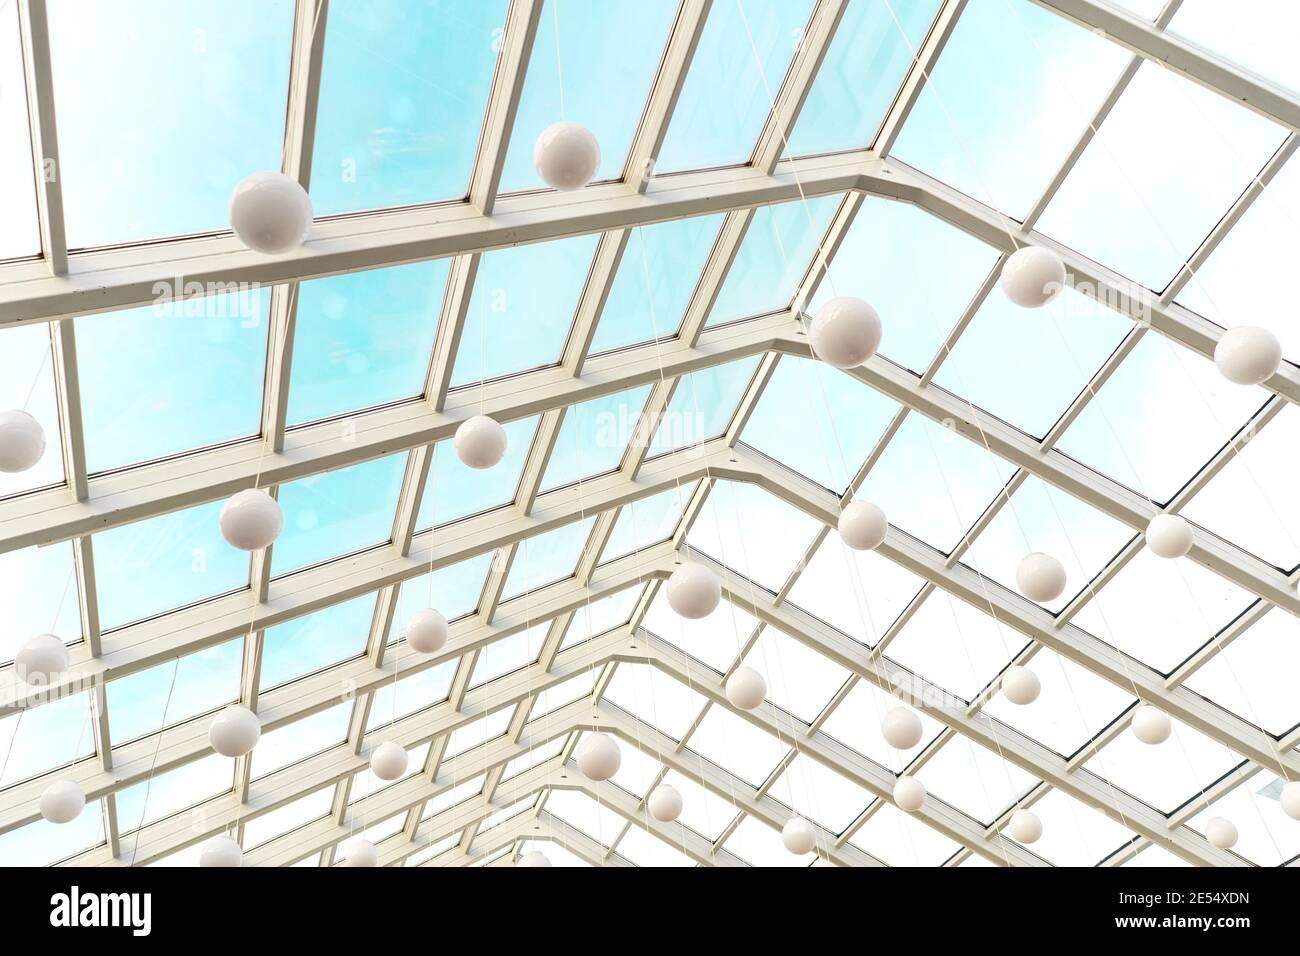 Toit transparent moderne dans un intérieur futuriste avec des arcs blancs en perspective. Lampes blanches sphériques. Banque D'Images